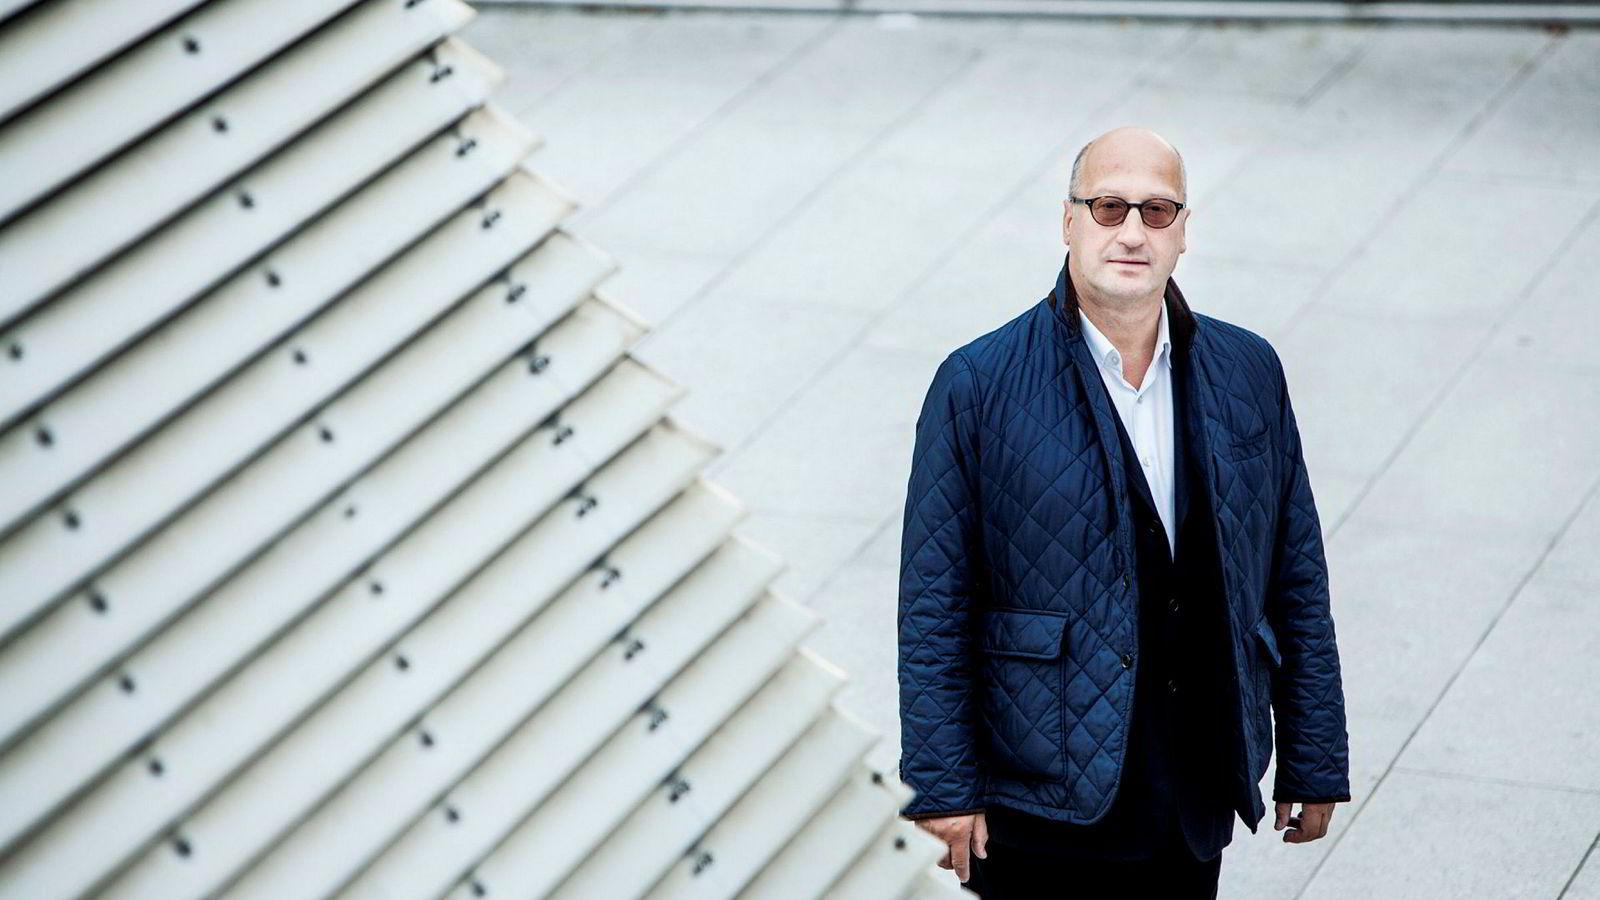 Porteføljeforvalter Albert Collett tror ikke Telenor kommer til å overraske positivt med sin guiding når selskapet legger frem resultatene for fjerde kvartal i slutten av januar.